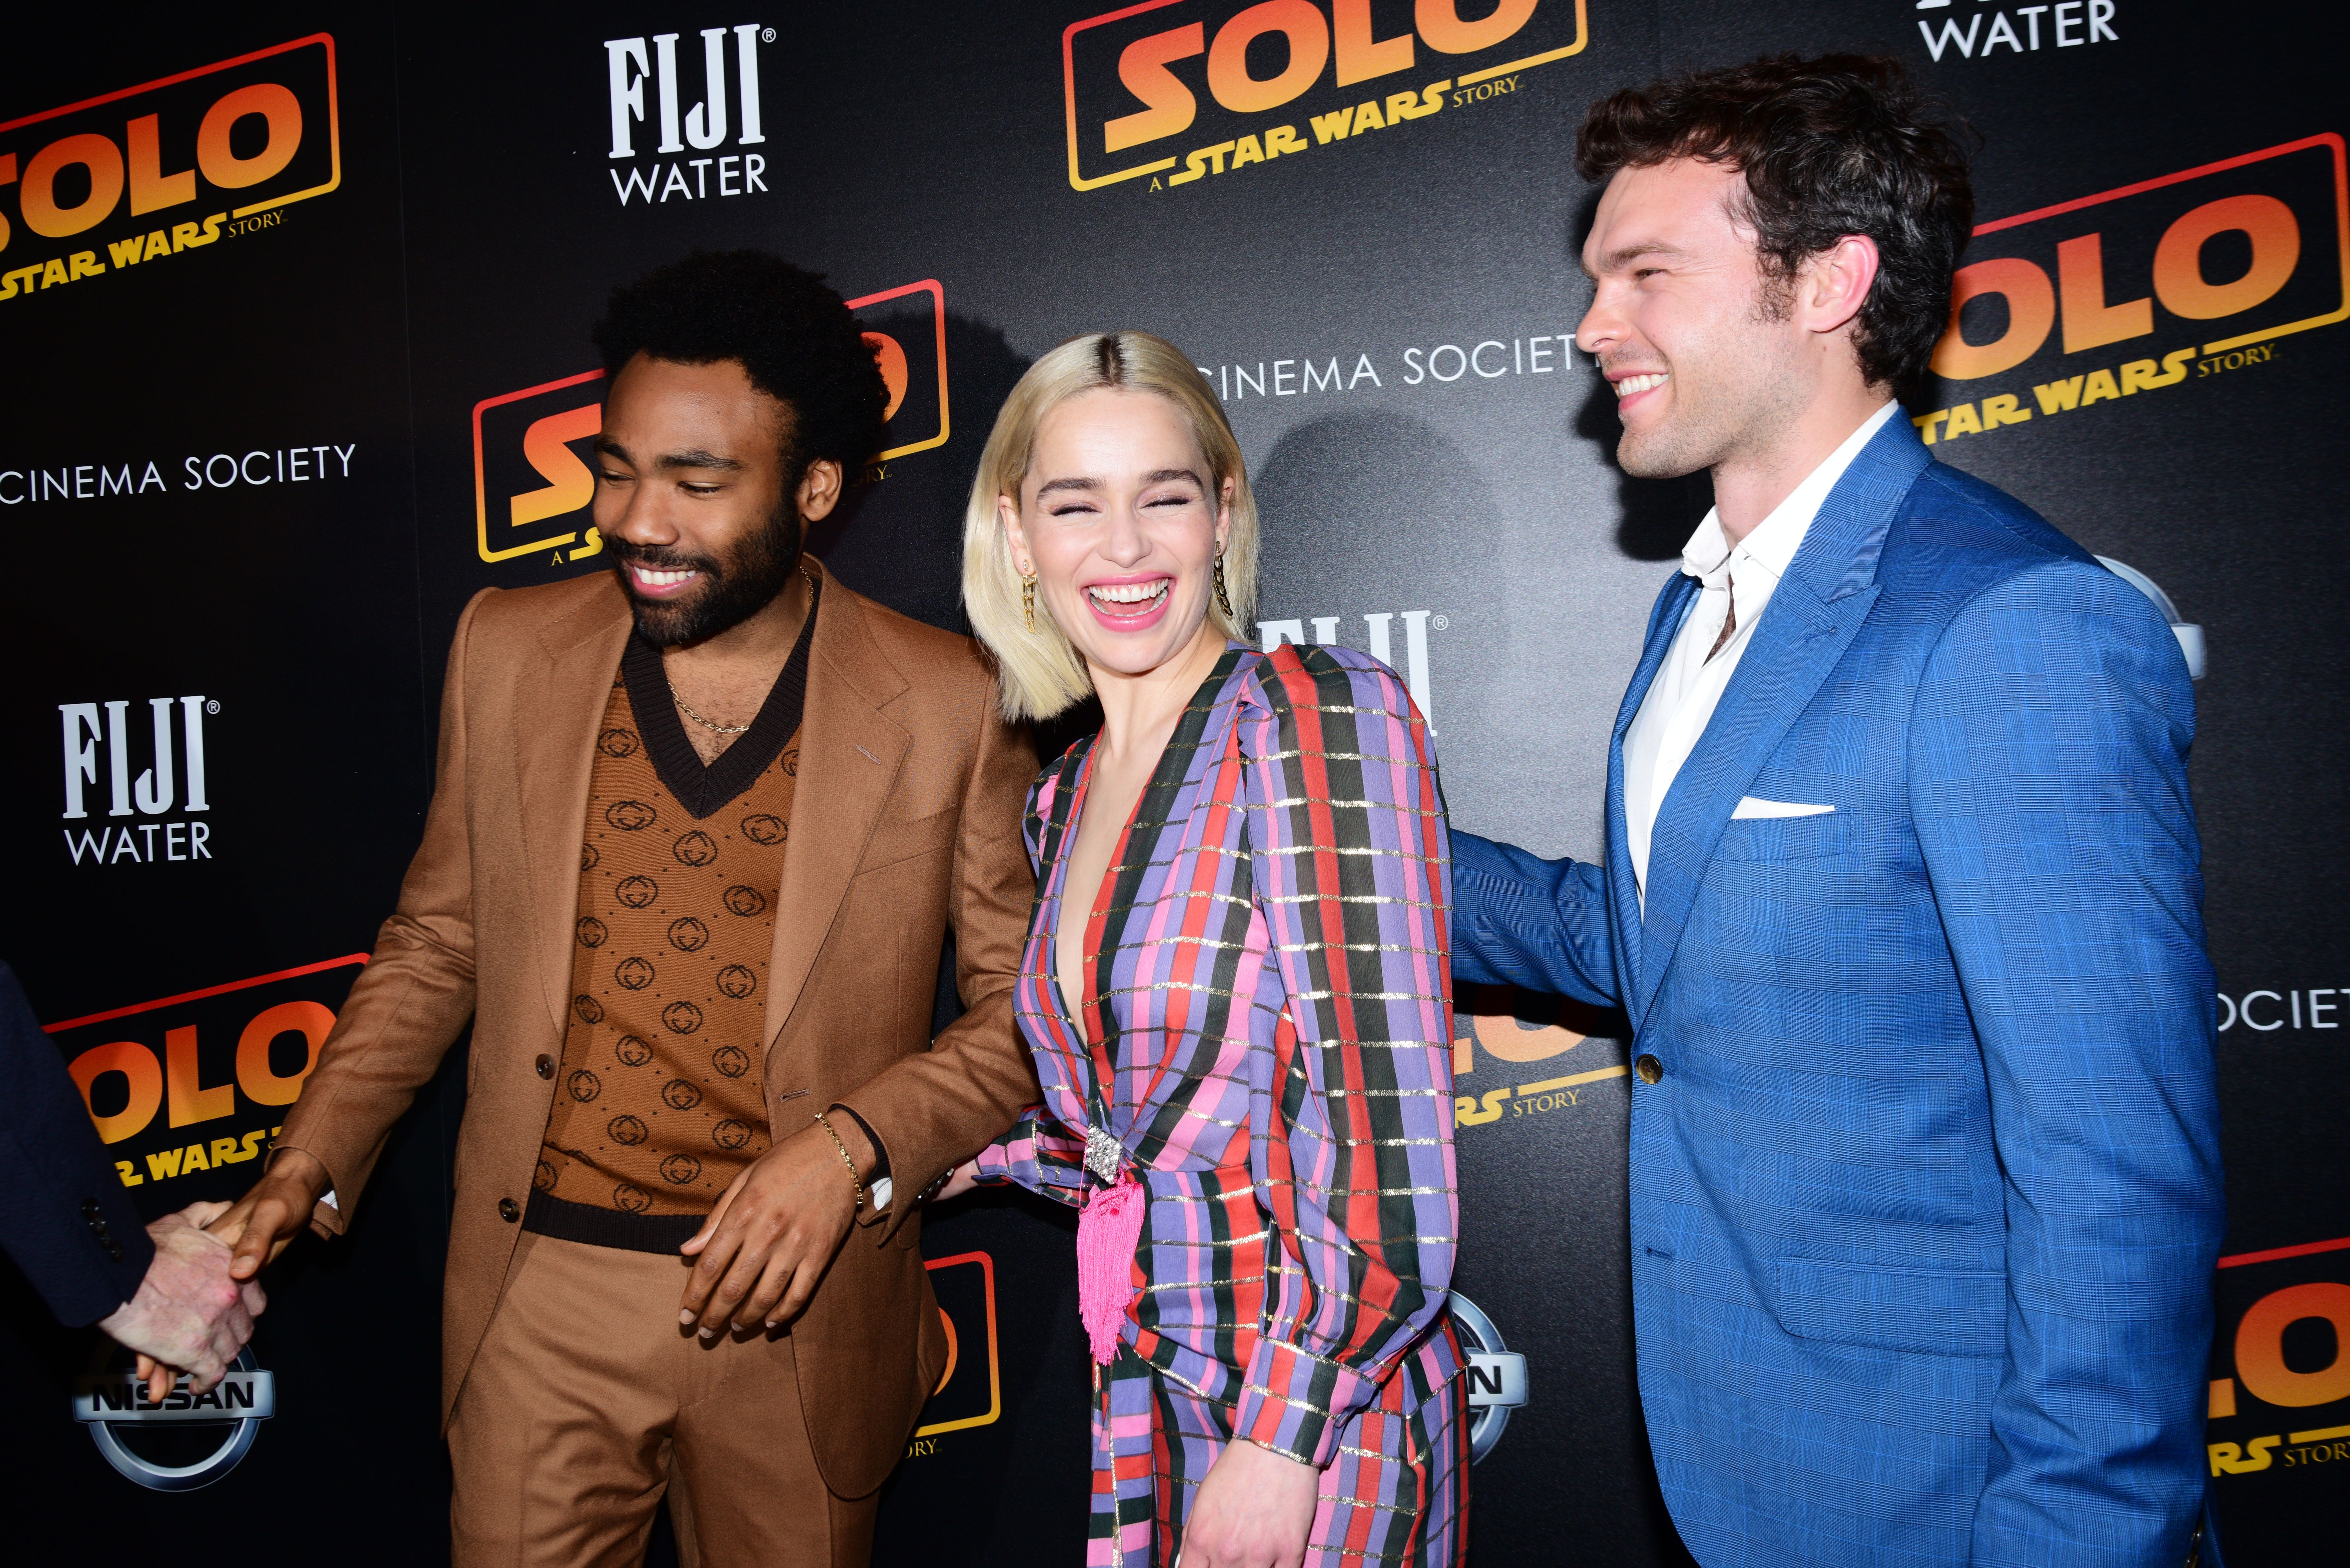 Donald Glover, Emilia Clarke and Alden Ehrenreich